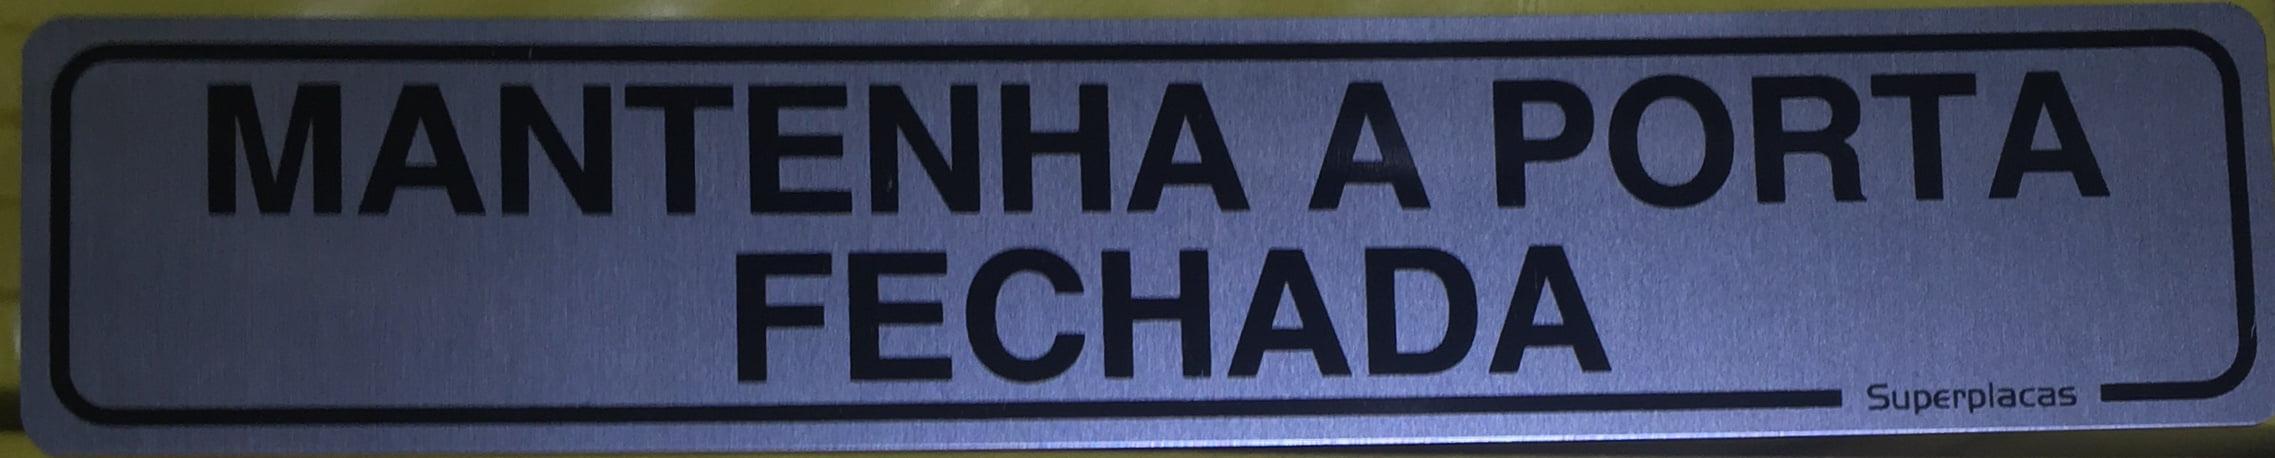 Placa Sinalização Mantenha Porta Fechada - Escritório - Alumínio - 5x25cm